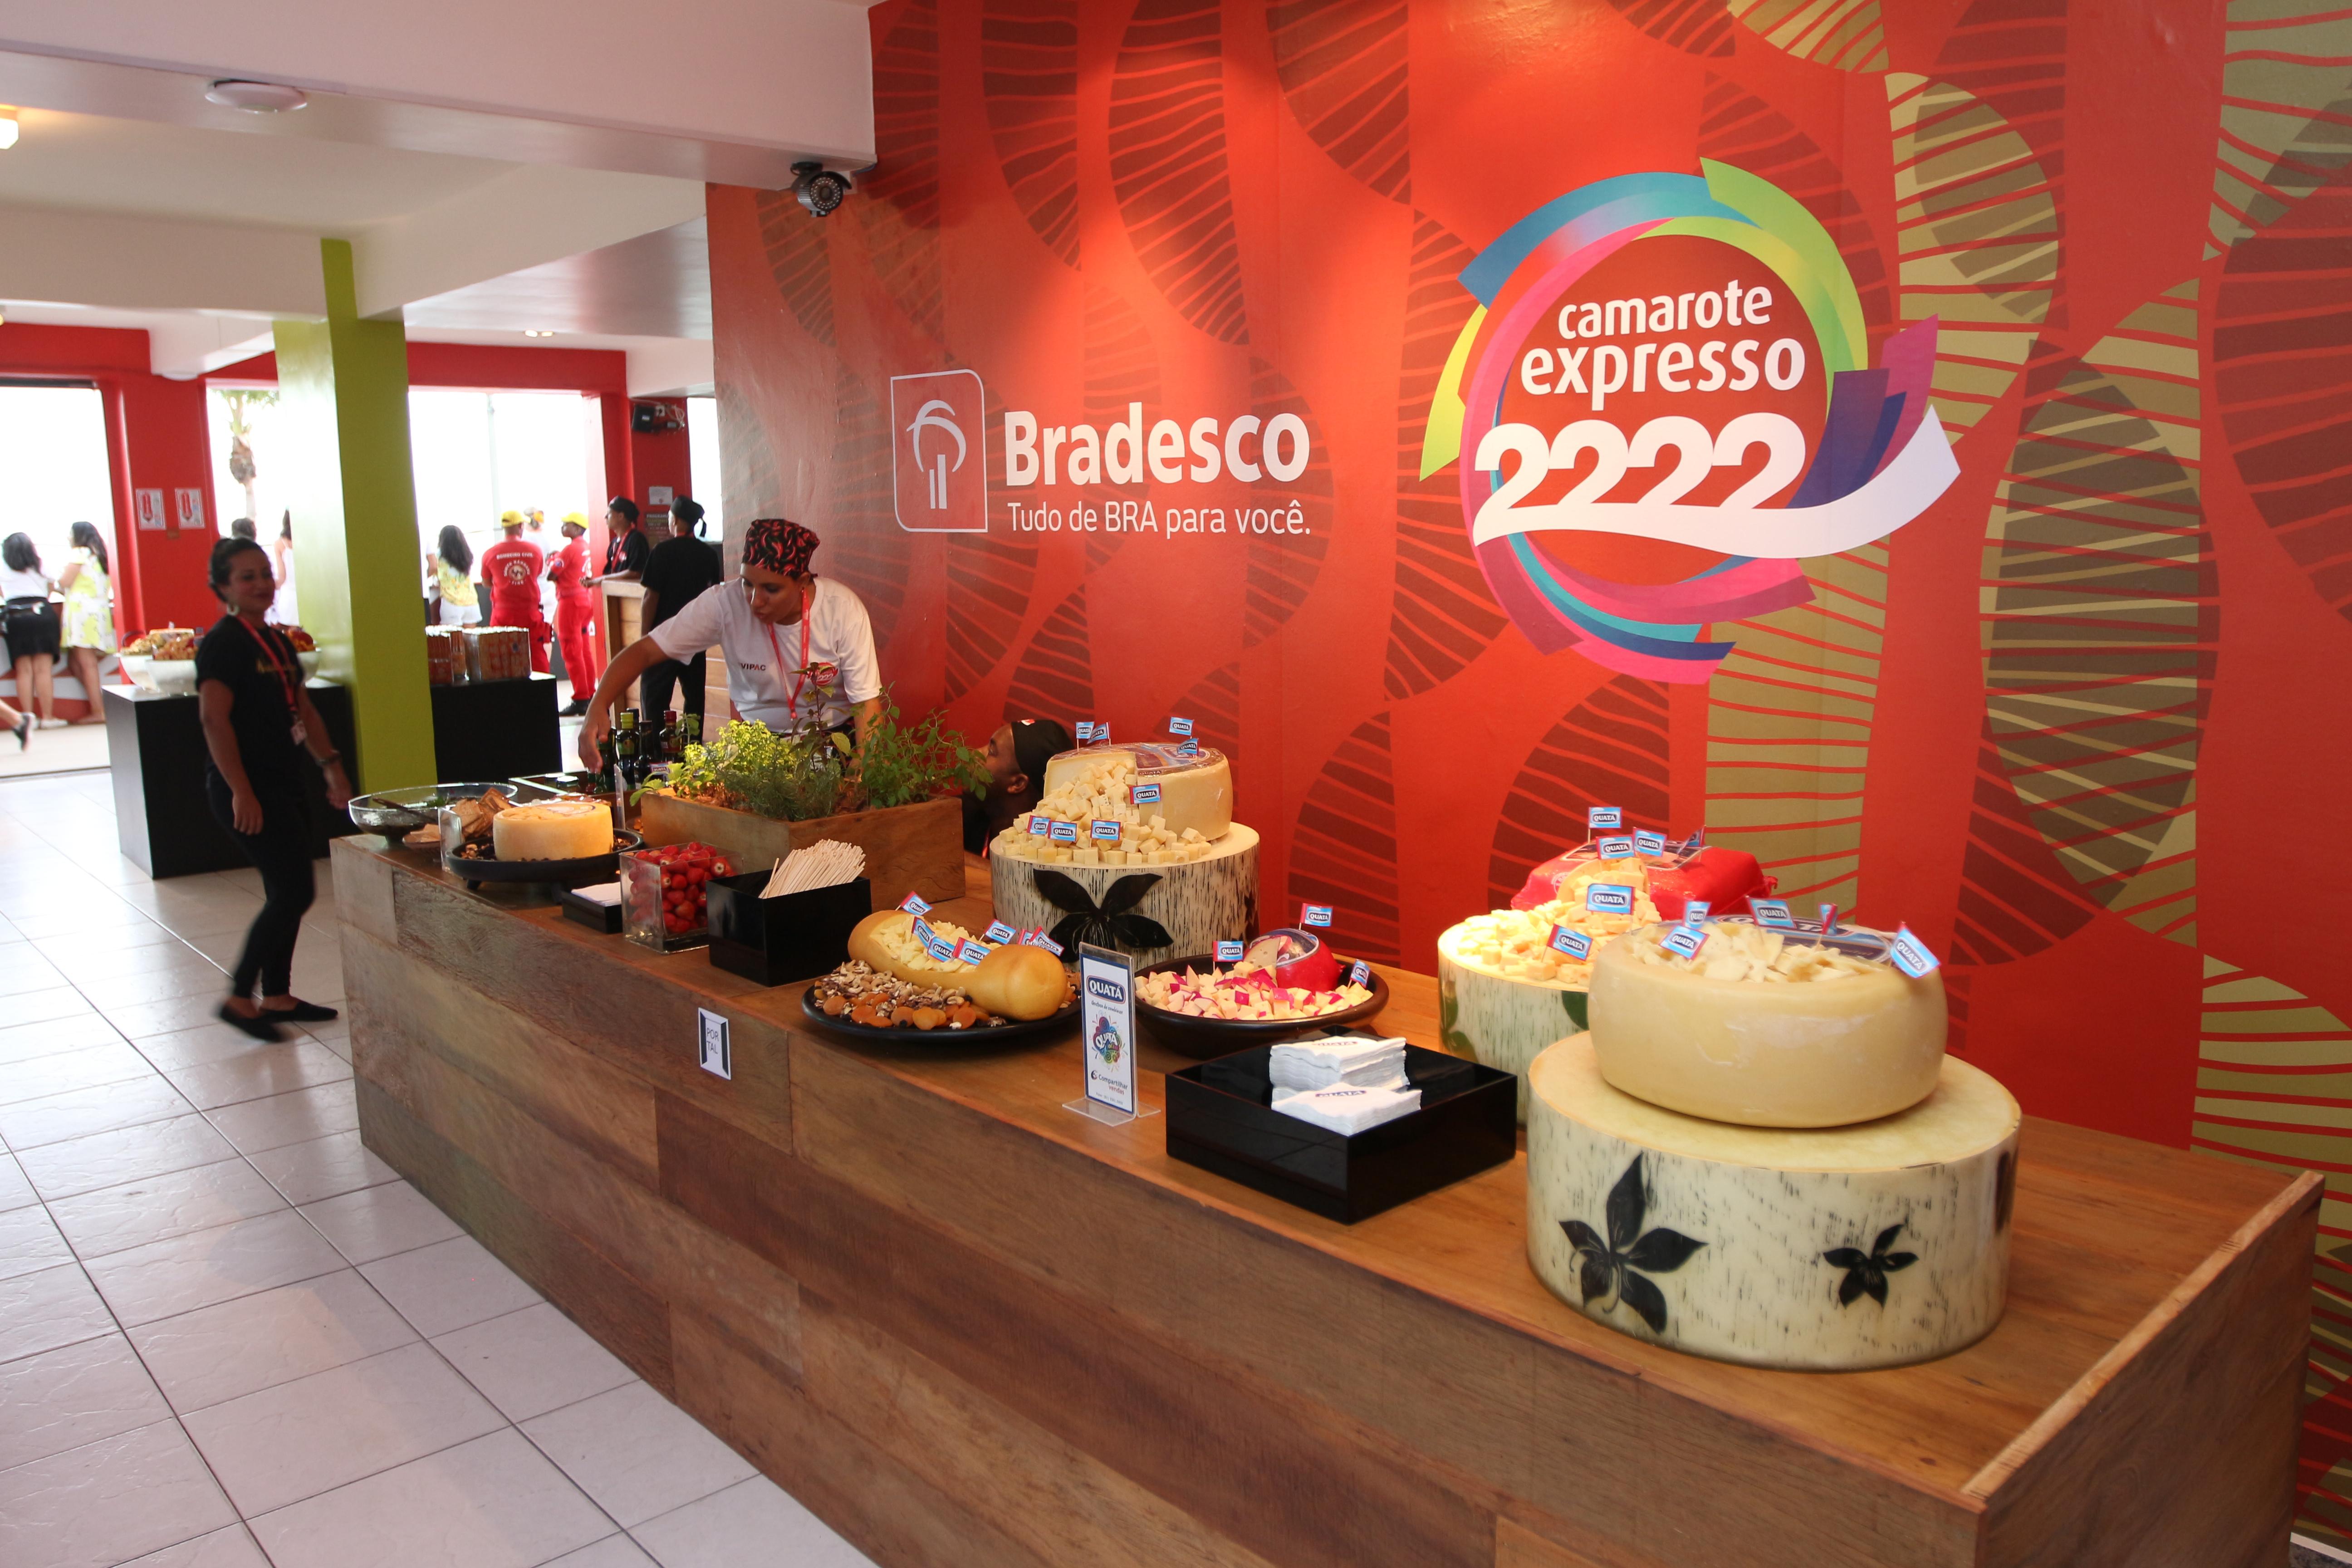 Salão buffet do camarote Expresso 2222. Foto: João Francisco / Divulgação.